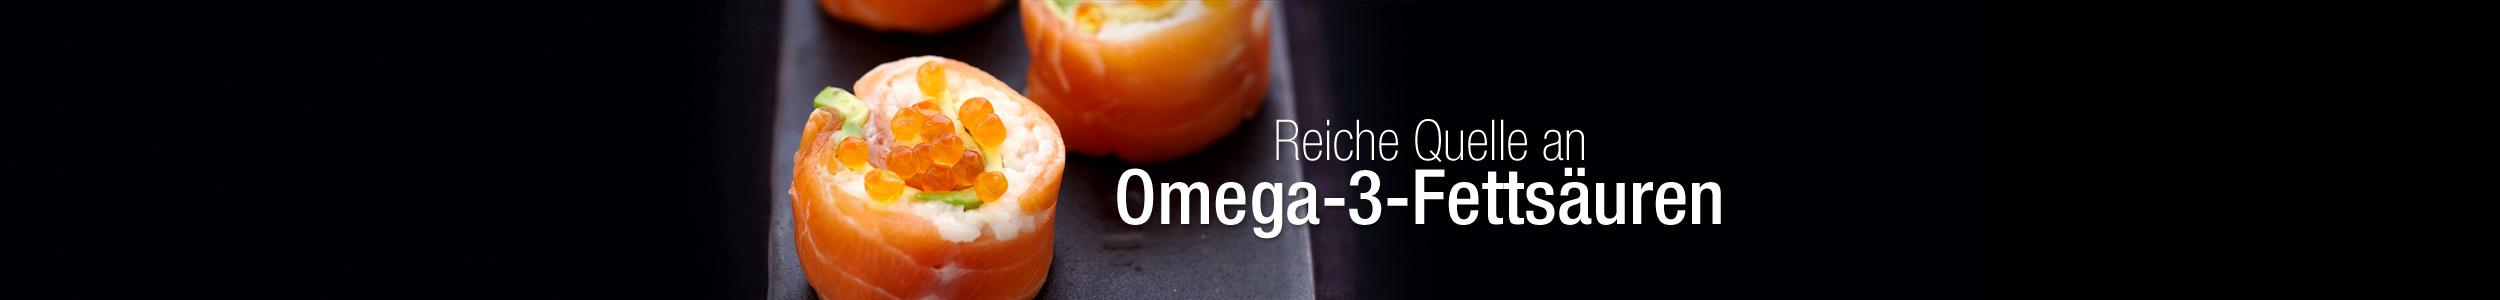 Reiche quelle an omega-3-Fettsauren